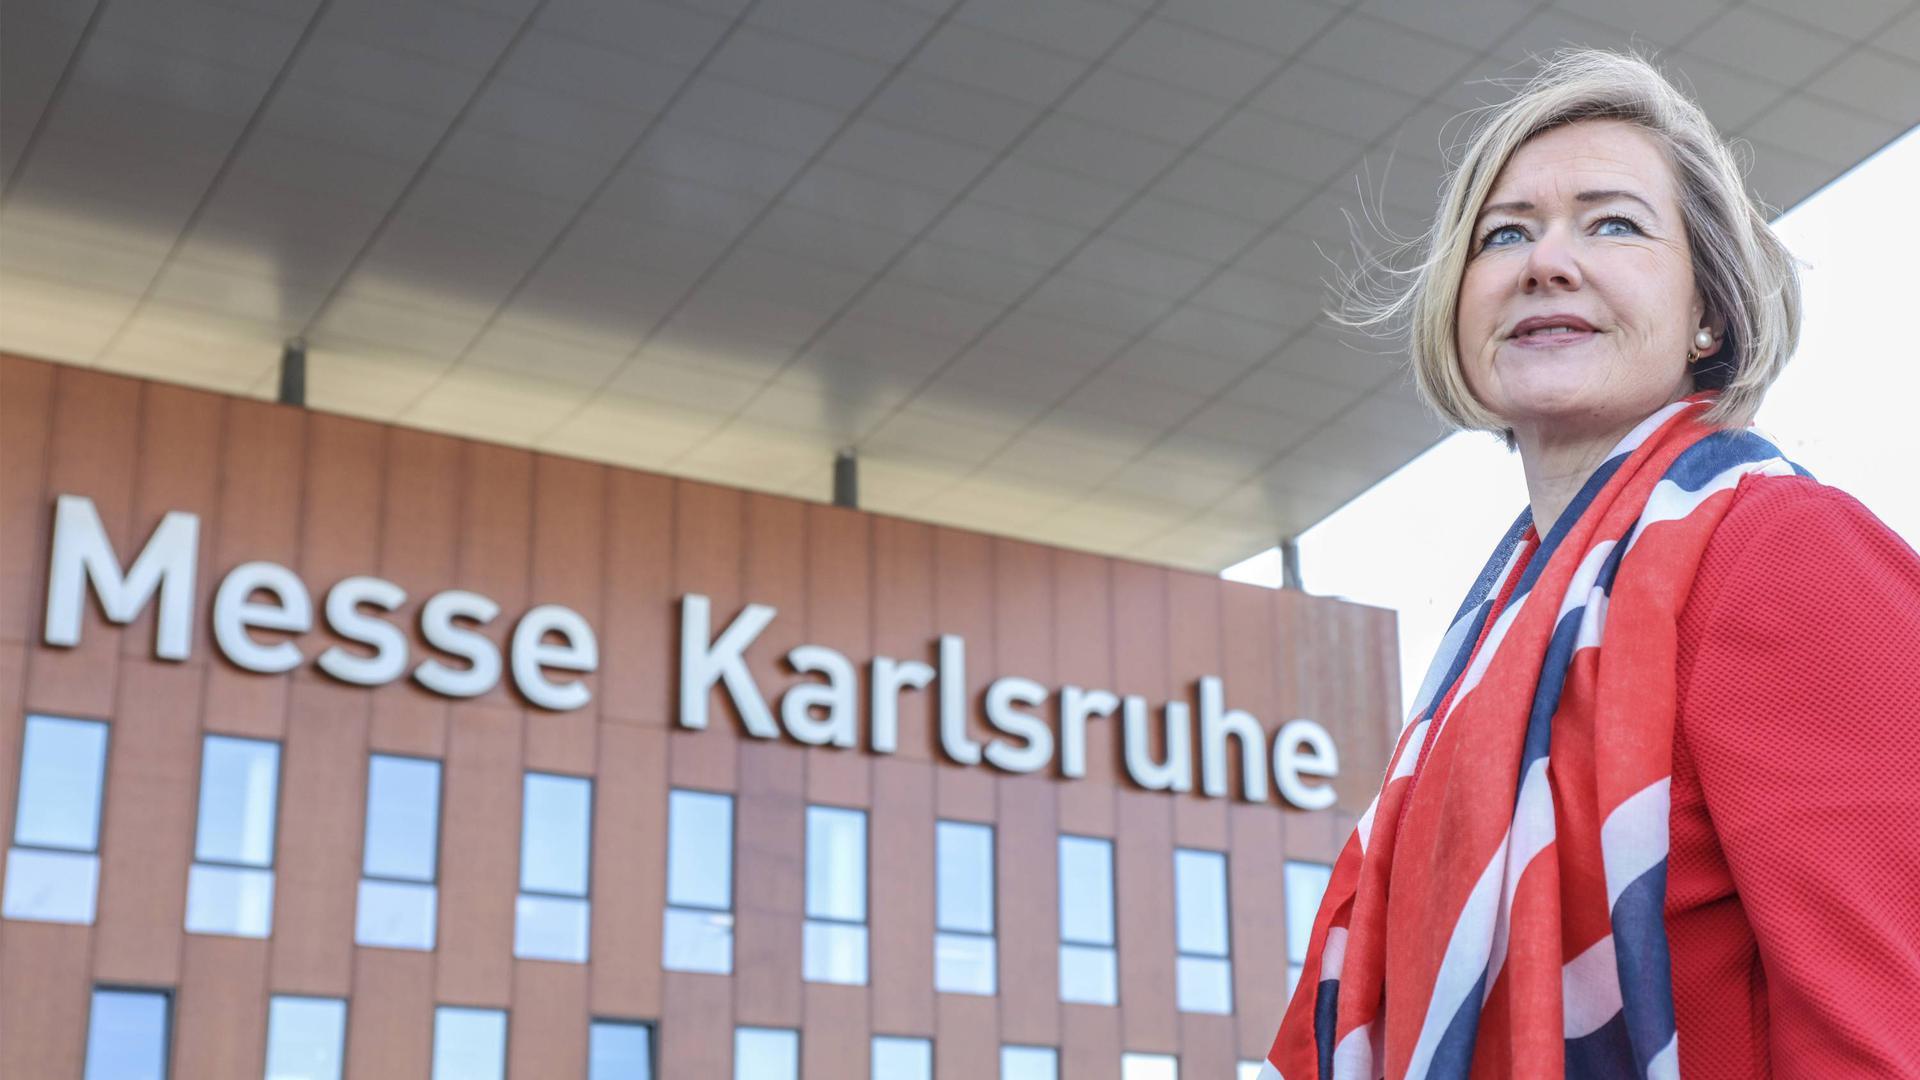 Britta Wirtz ist die Chefin der Karlsruher Messe und spricht im Interview über das Aus der Offerta Karlsruhe.